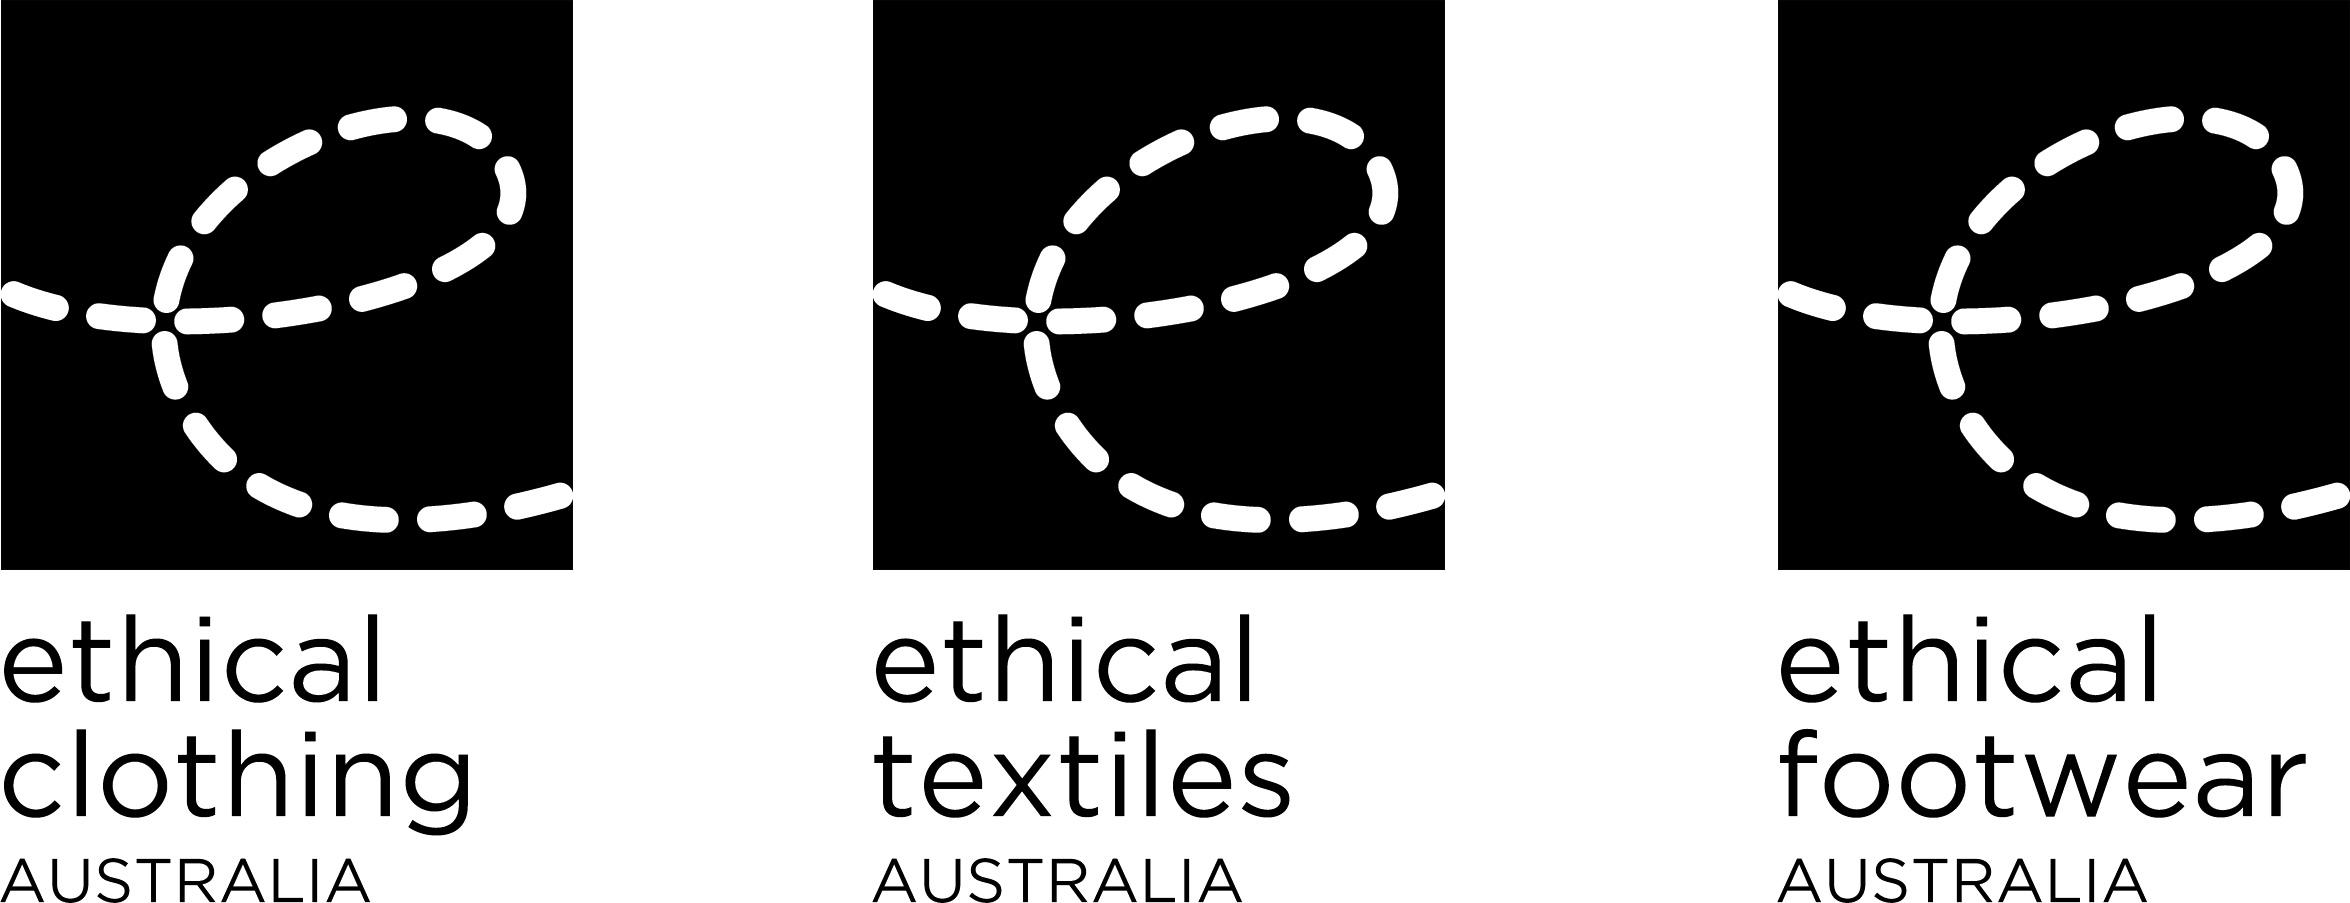 Certification Trade Mark